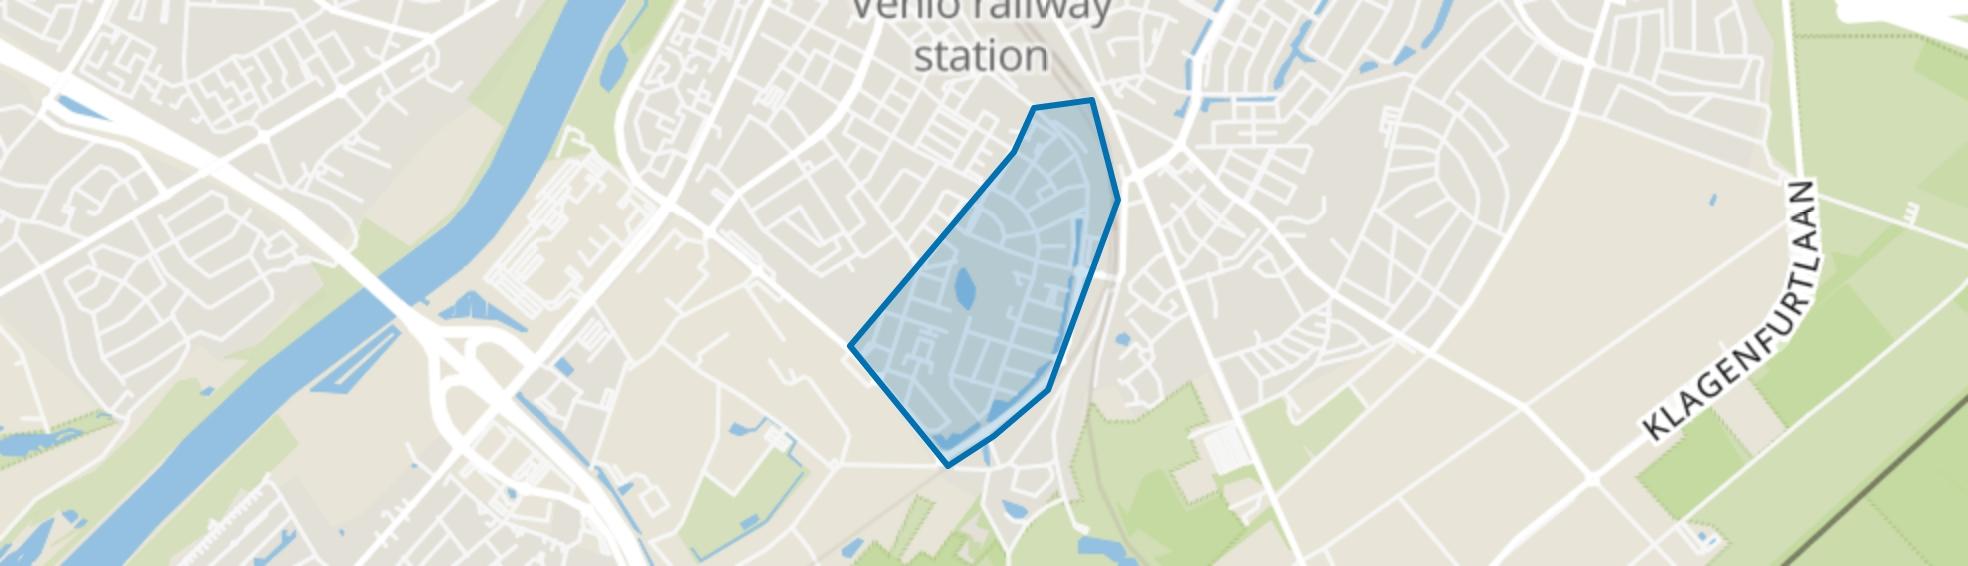 Hagerbroek, Venlo map